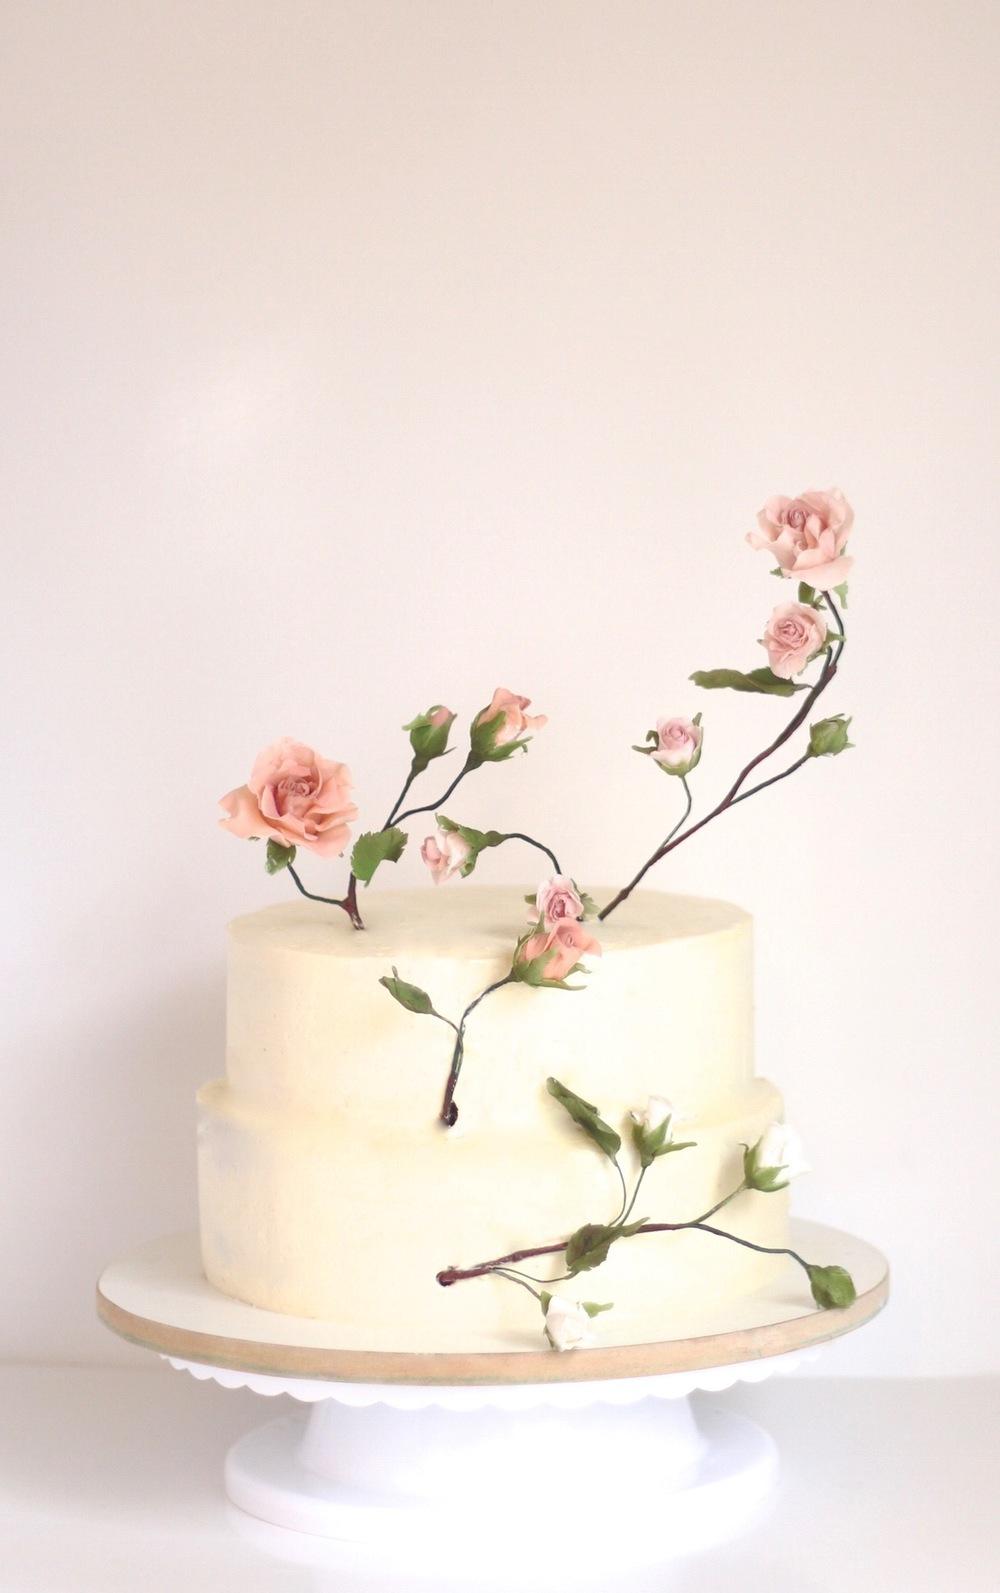 trinidad and tobago wedding cake by jaime gerard cake roses